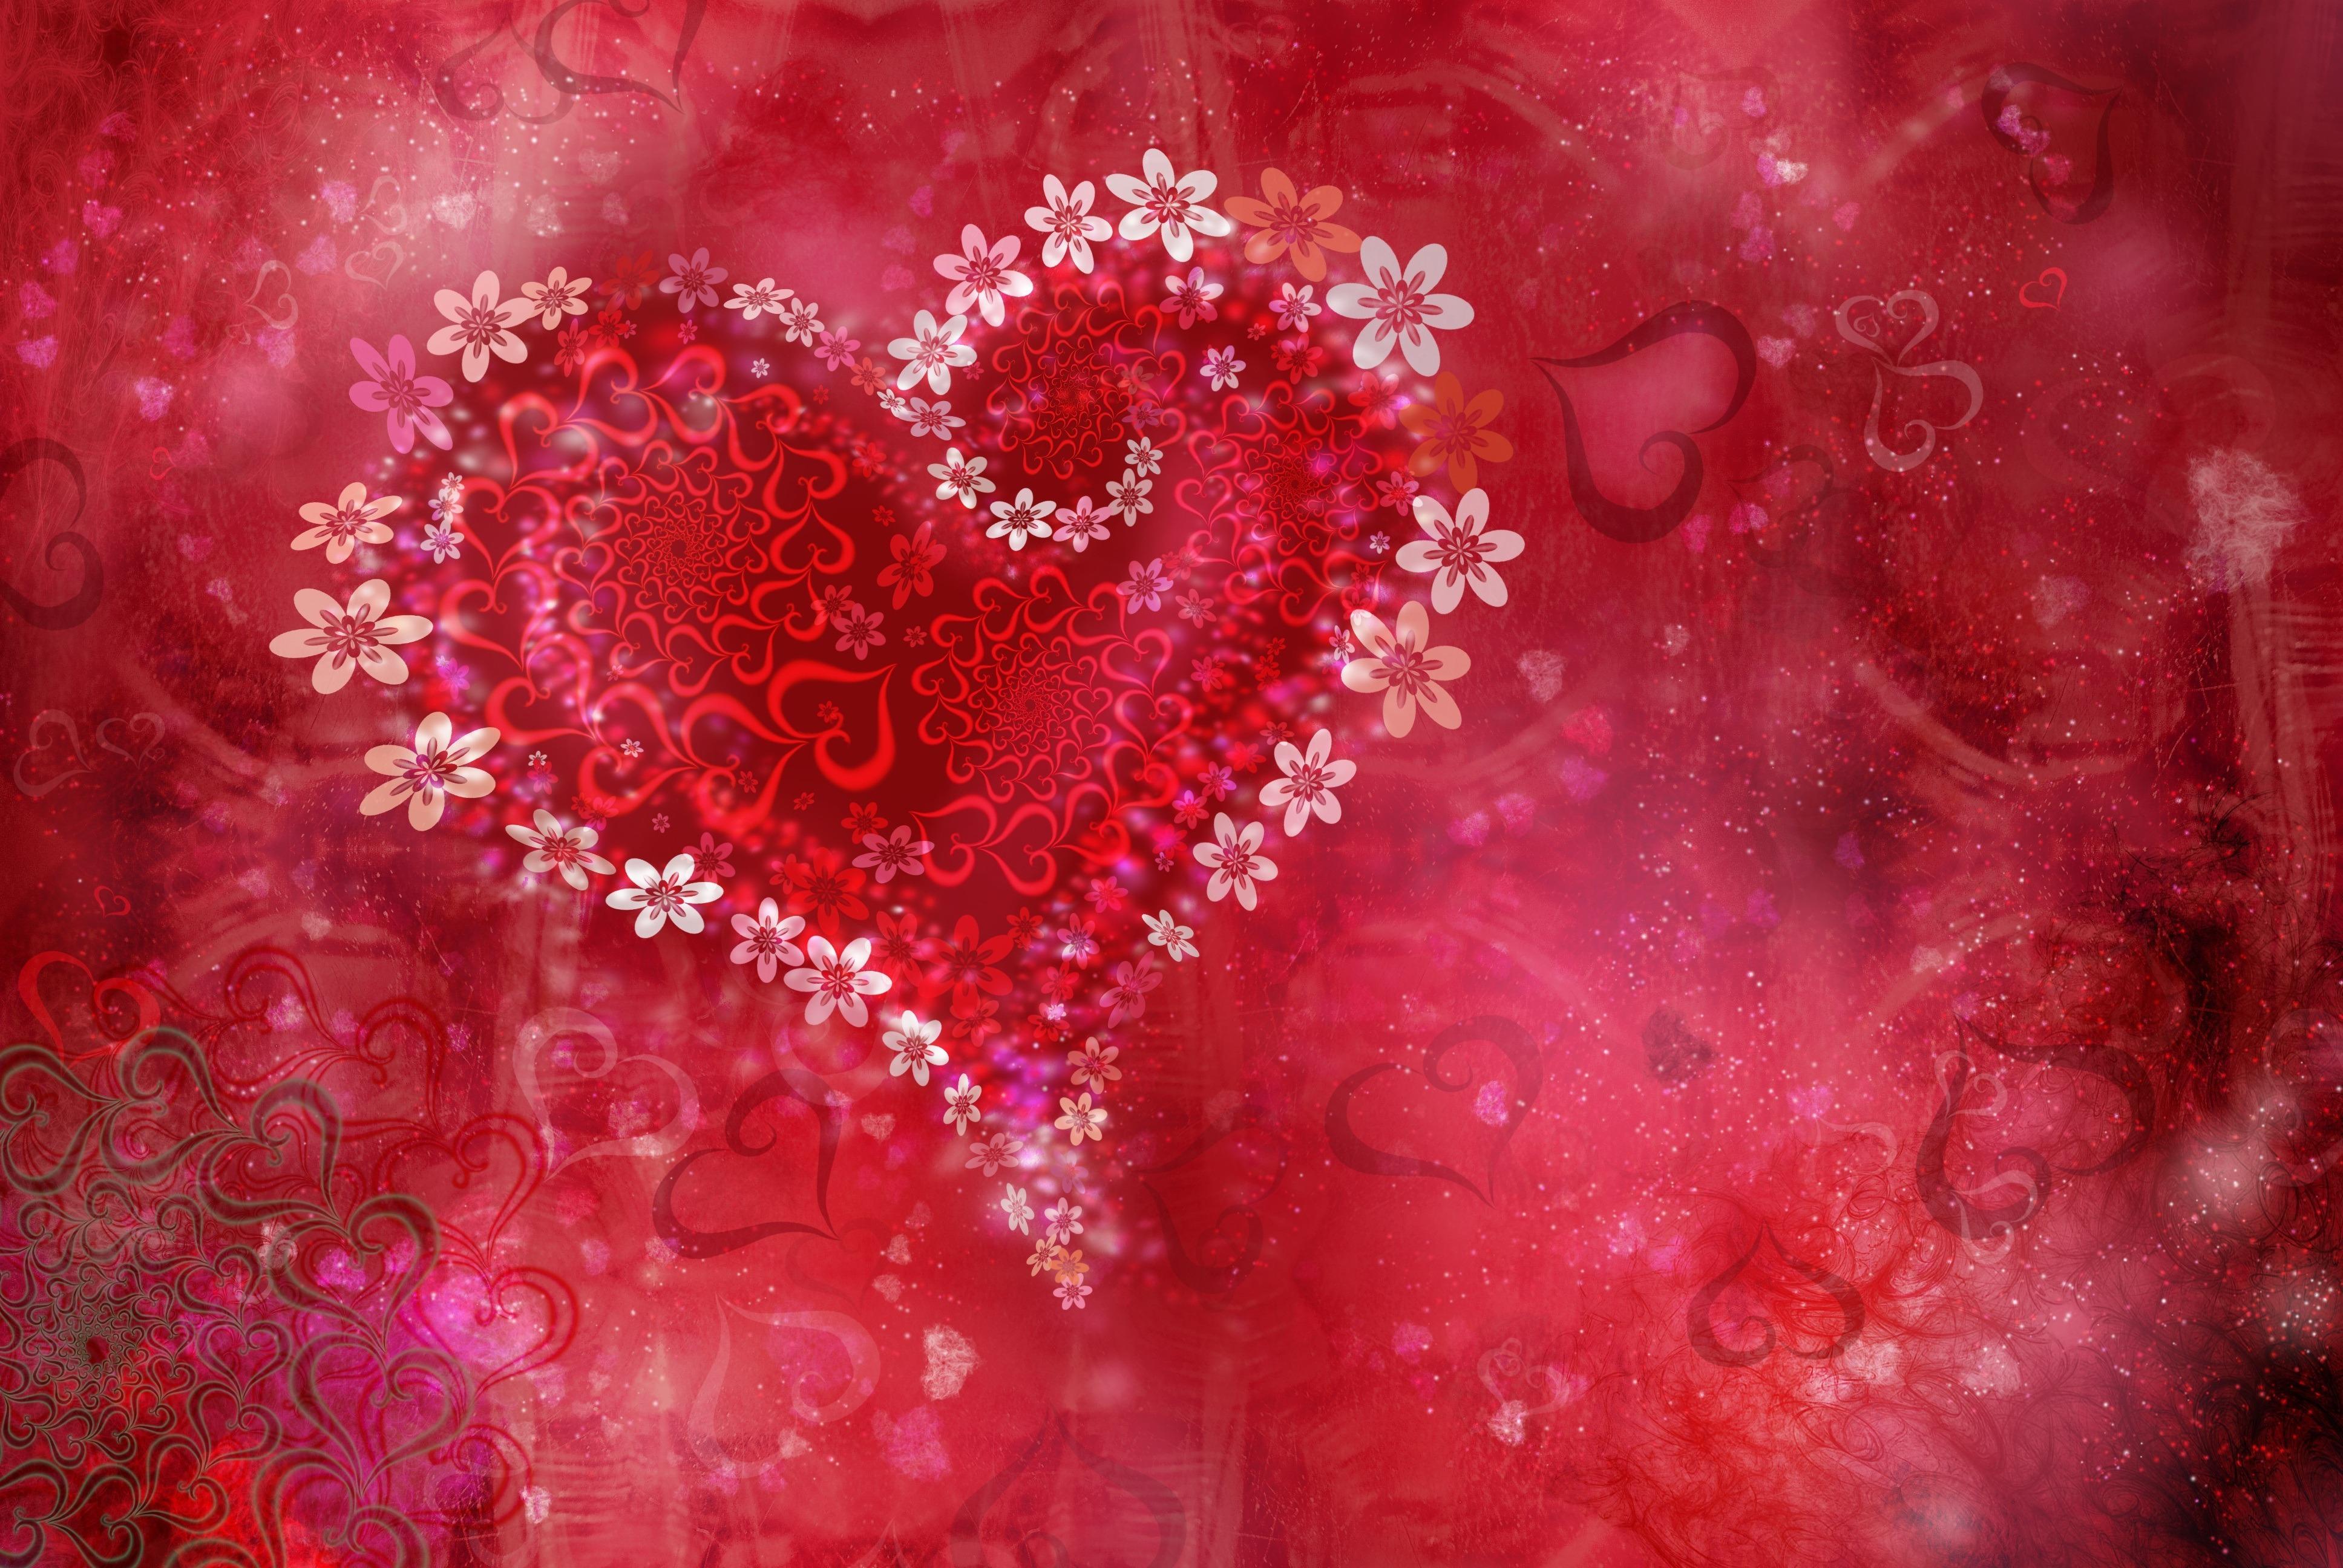 Картинки красивые яркие про любовь